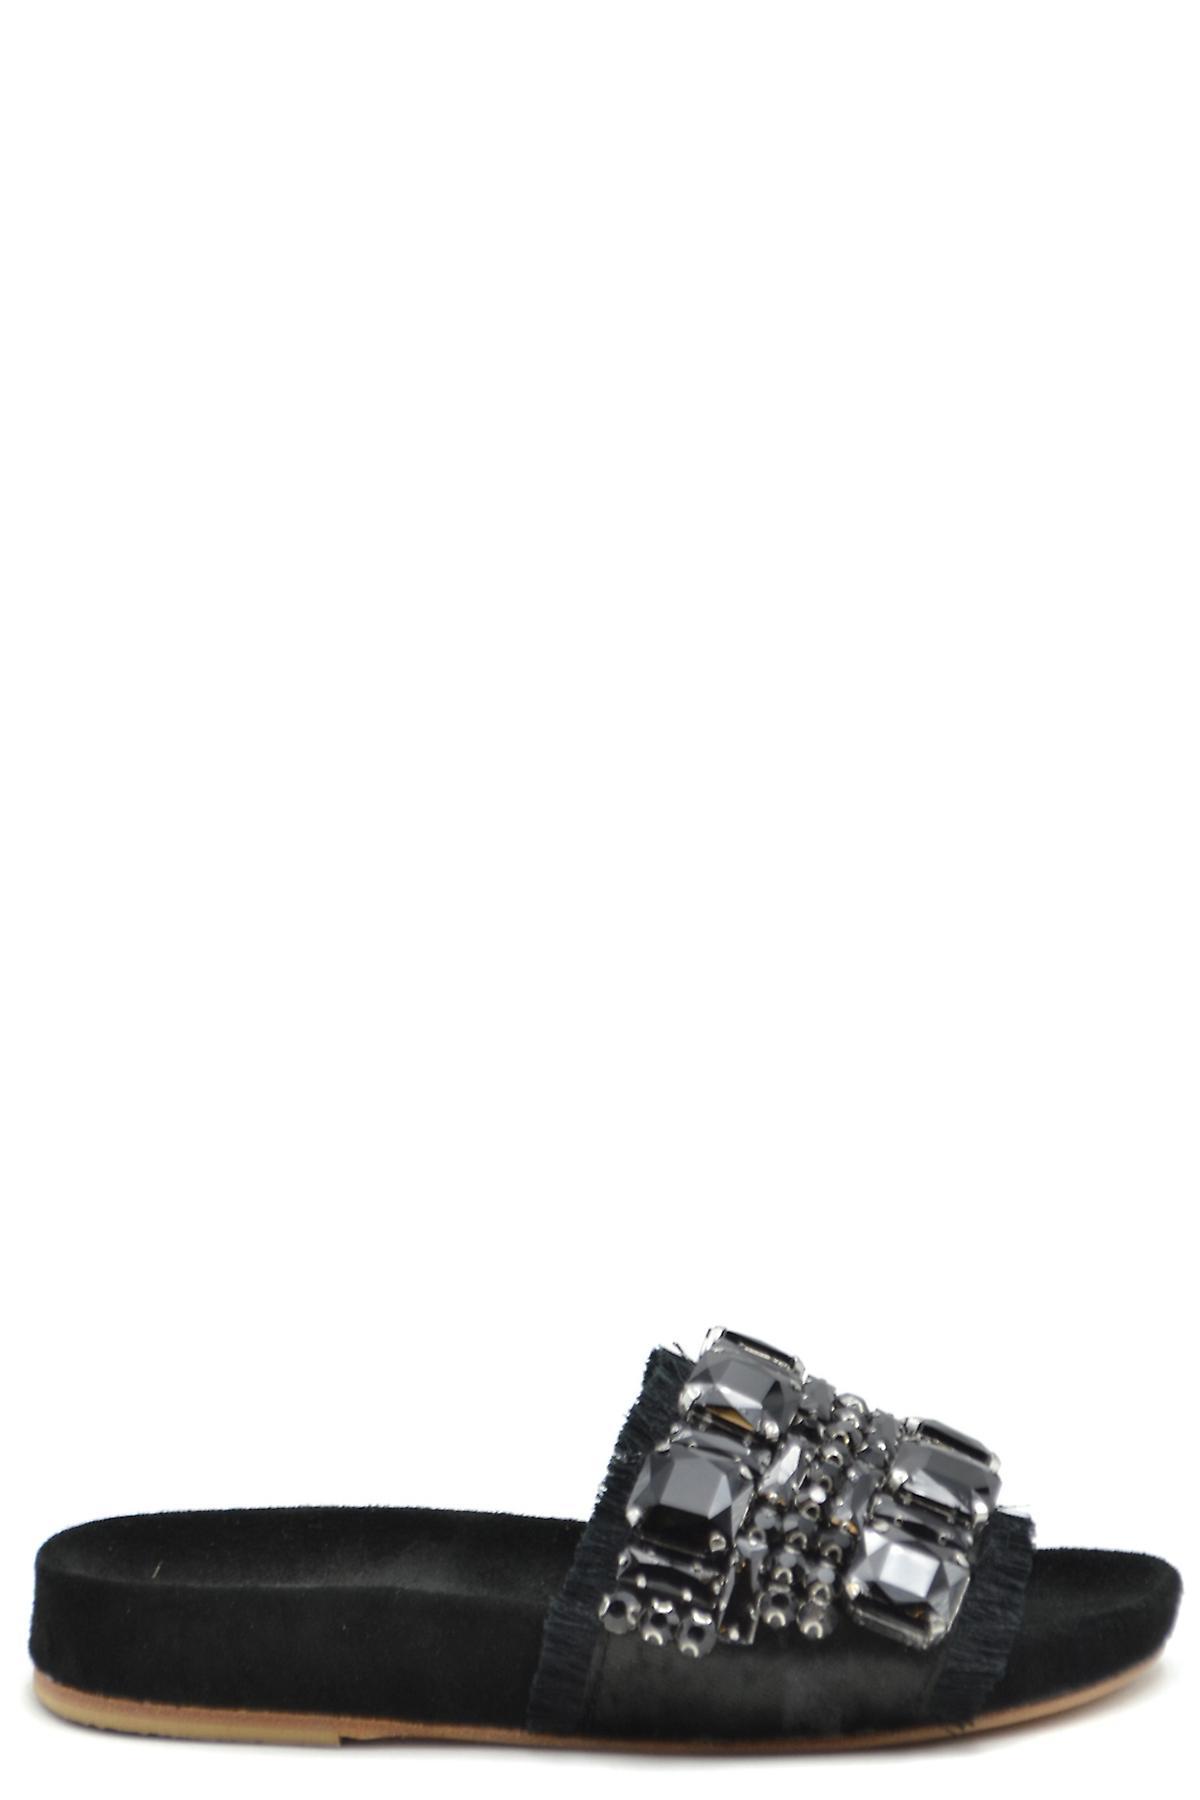 Fiorina Ezbc425001 Kvinnor's Svarta mocka sandaler - Gratis frakt